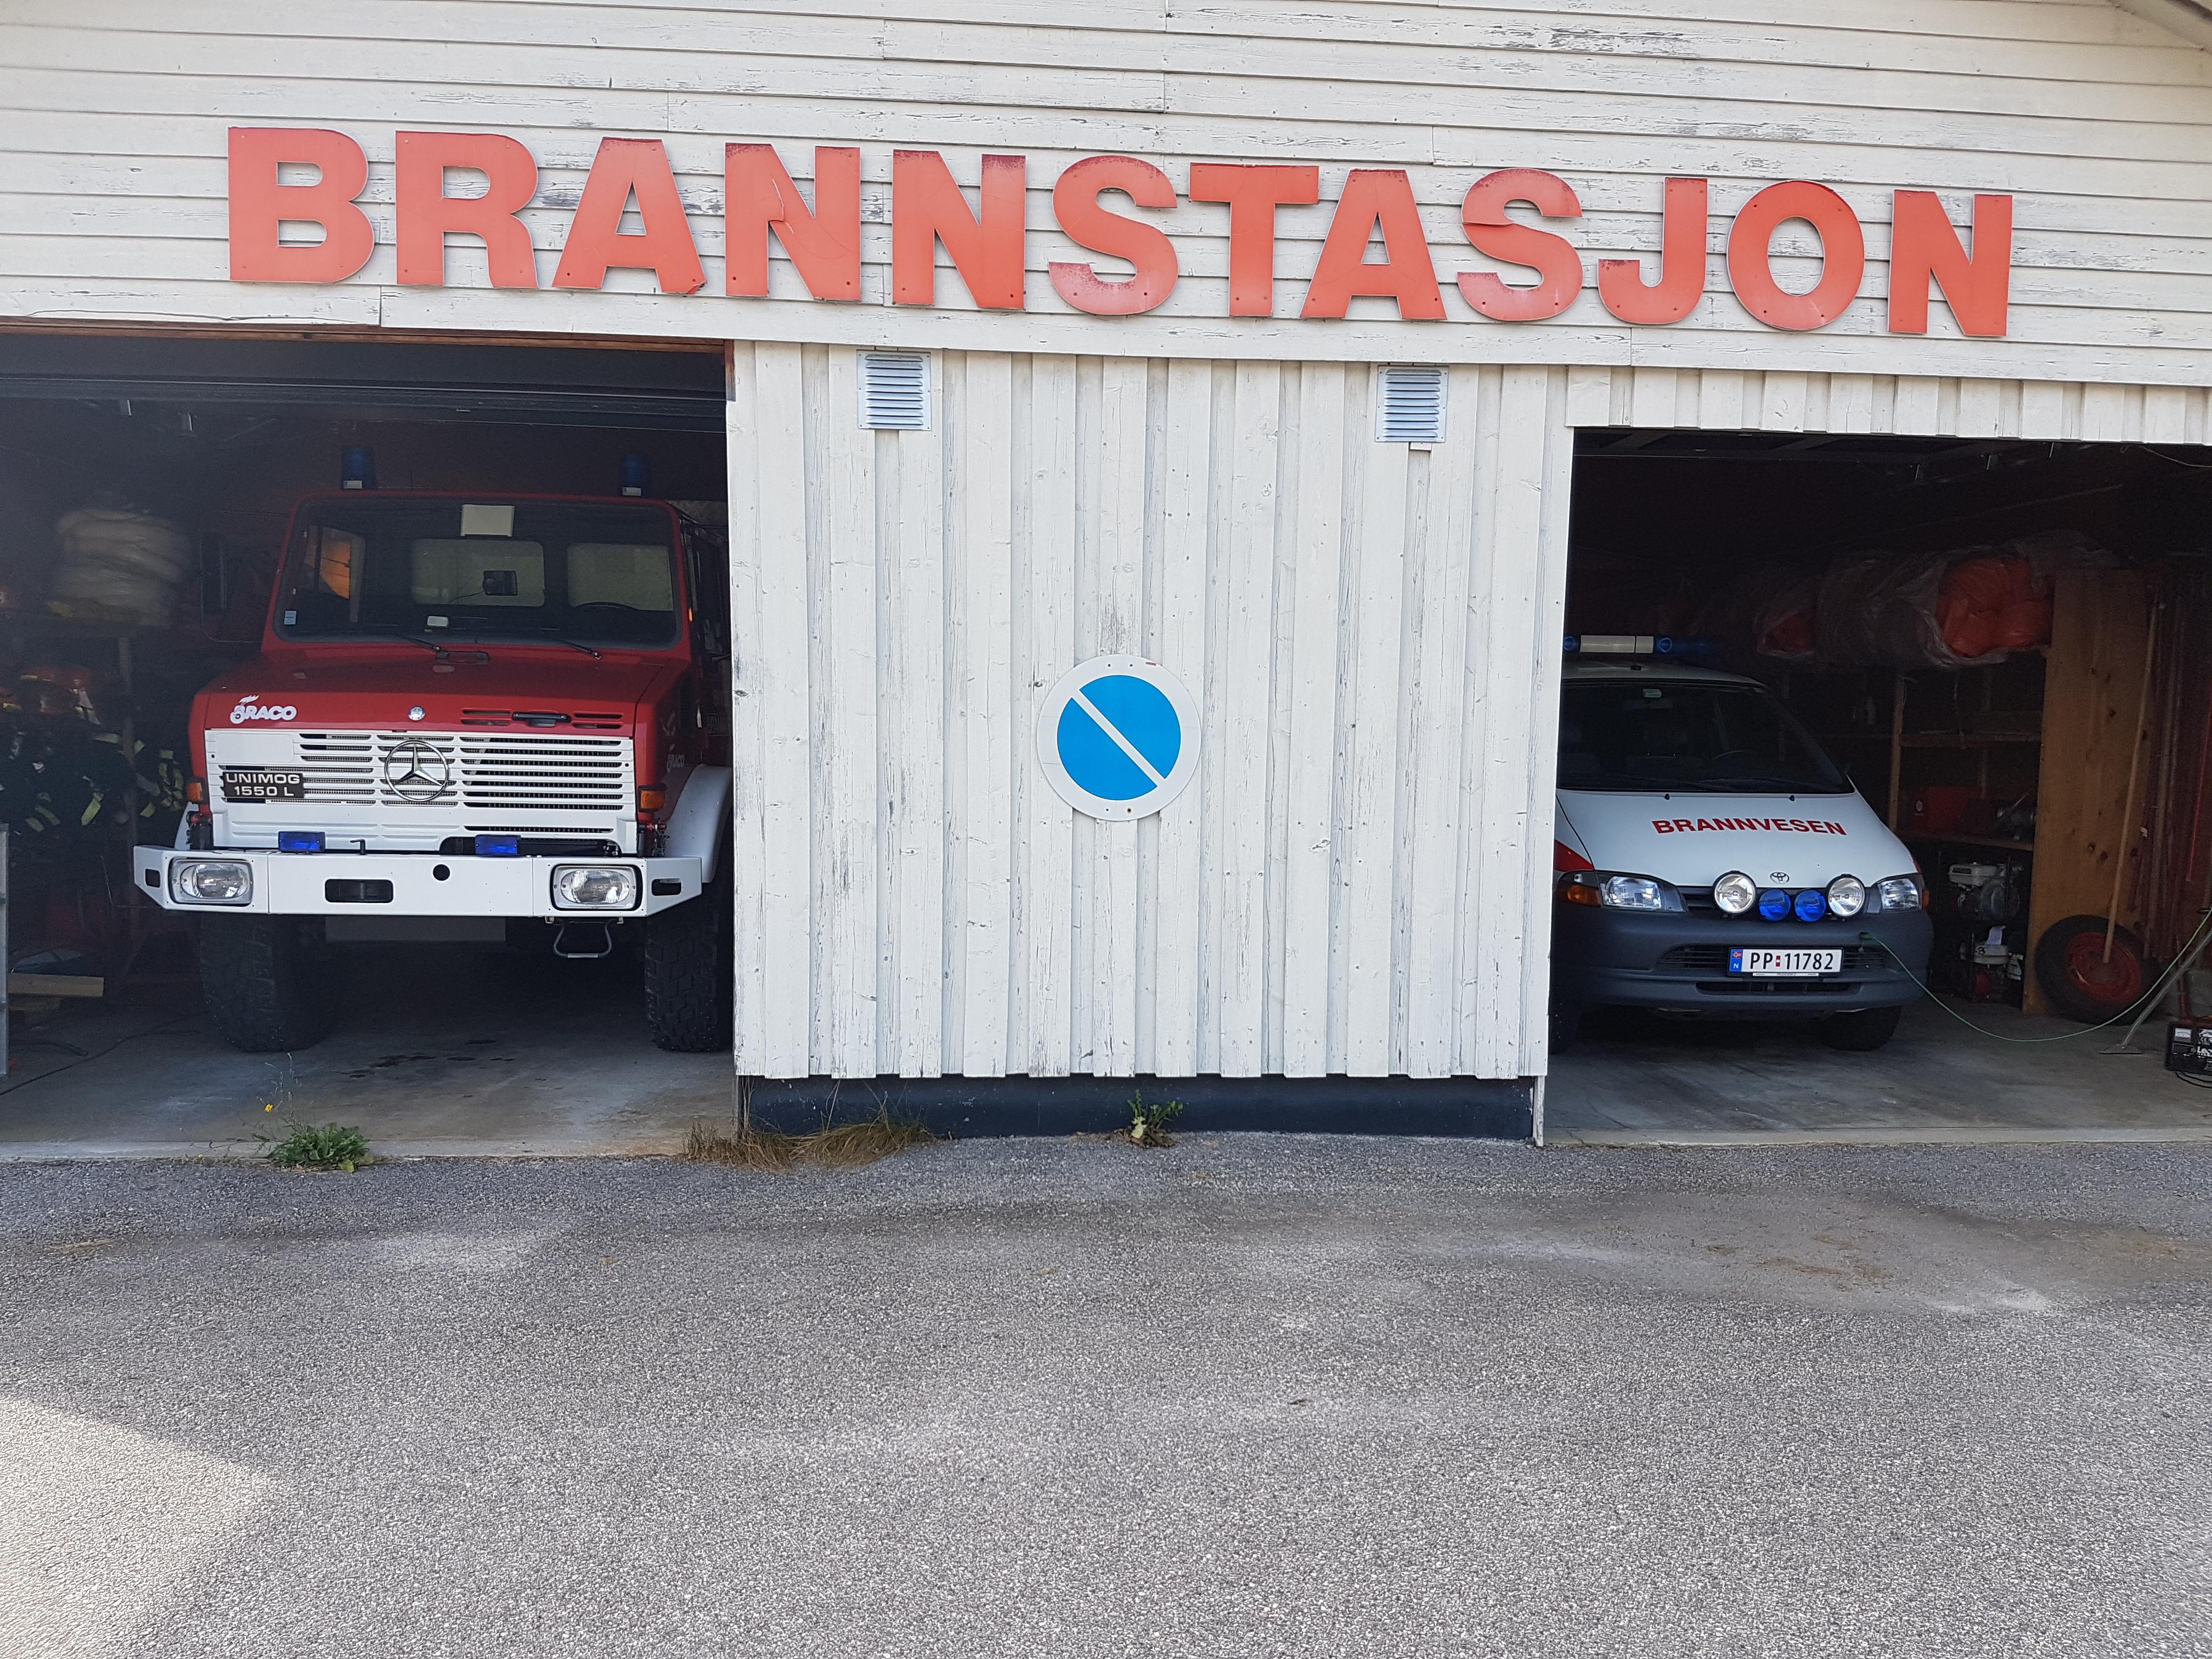 Byglandsfjord brannstasjon